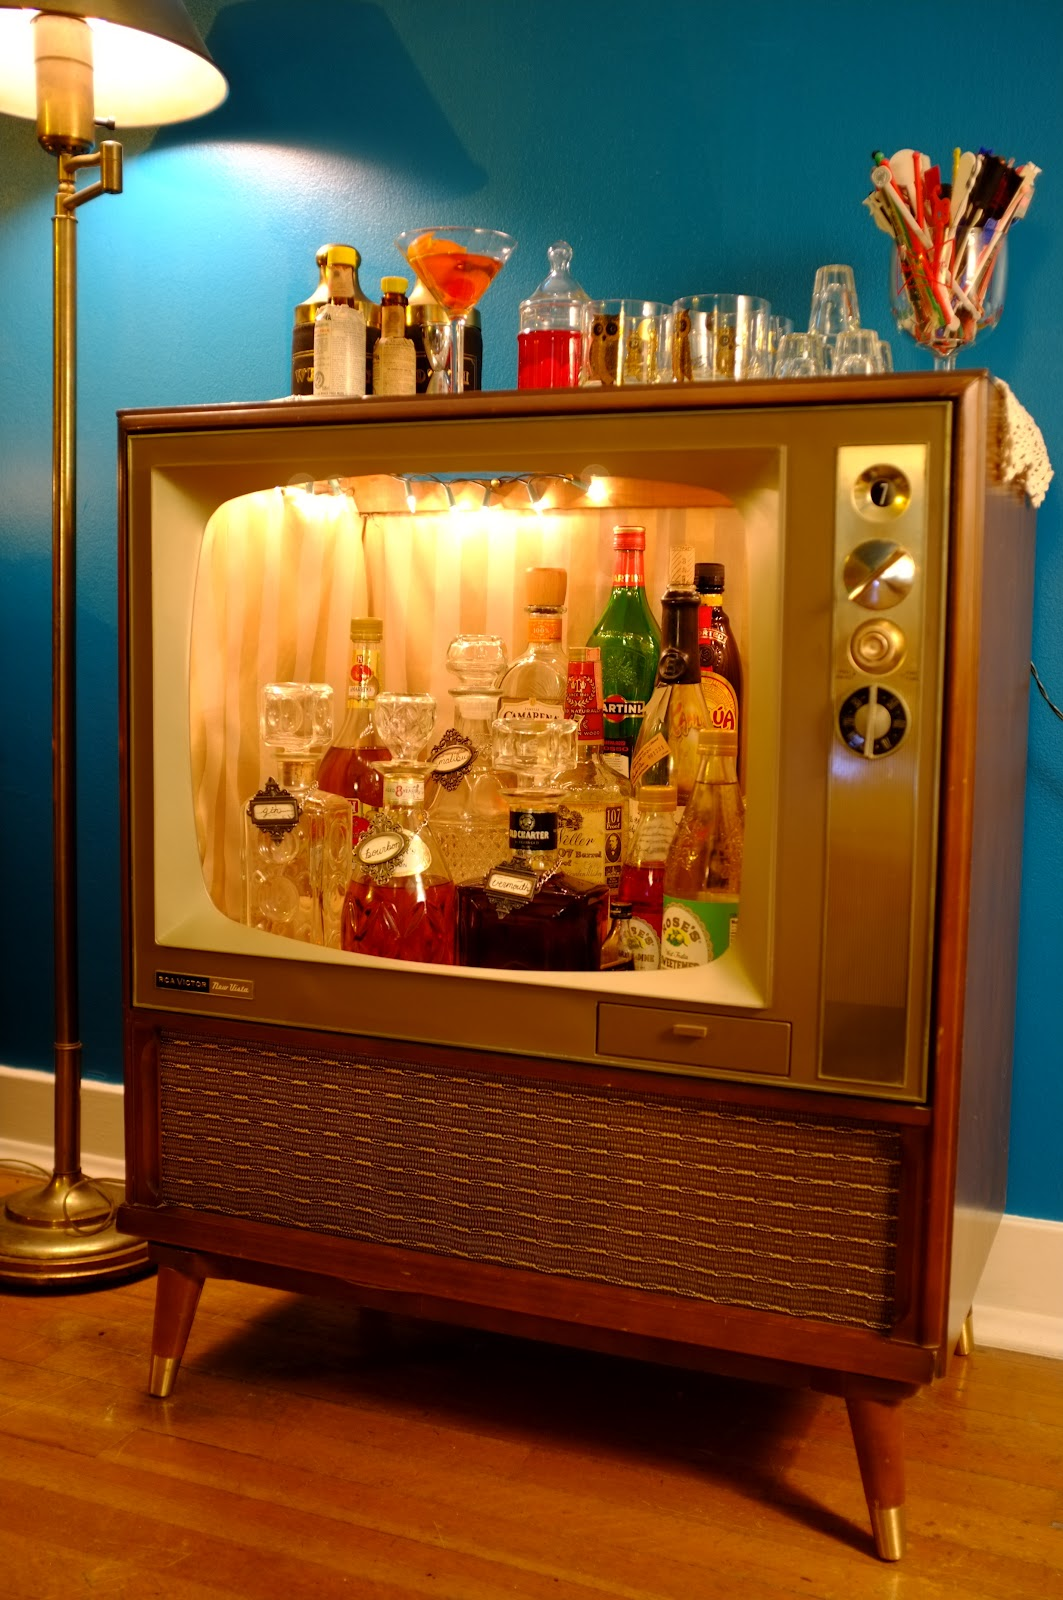 Что и как можно сделать из старого телевизора? Когда умелые руки лучше 71